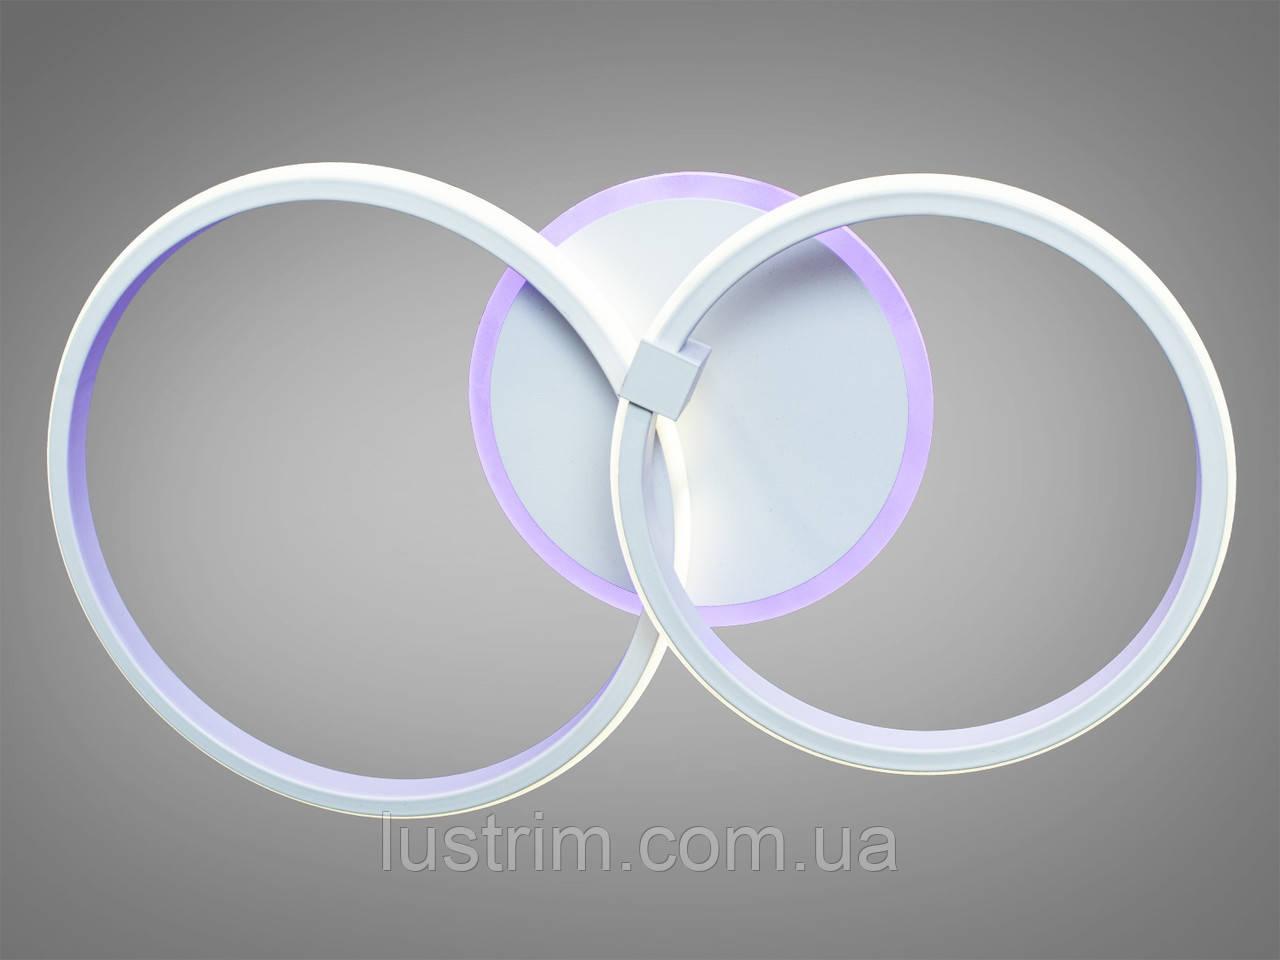 Светодиодная люстра с диммером, подсветкой 50W